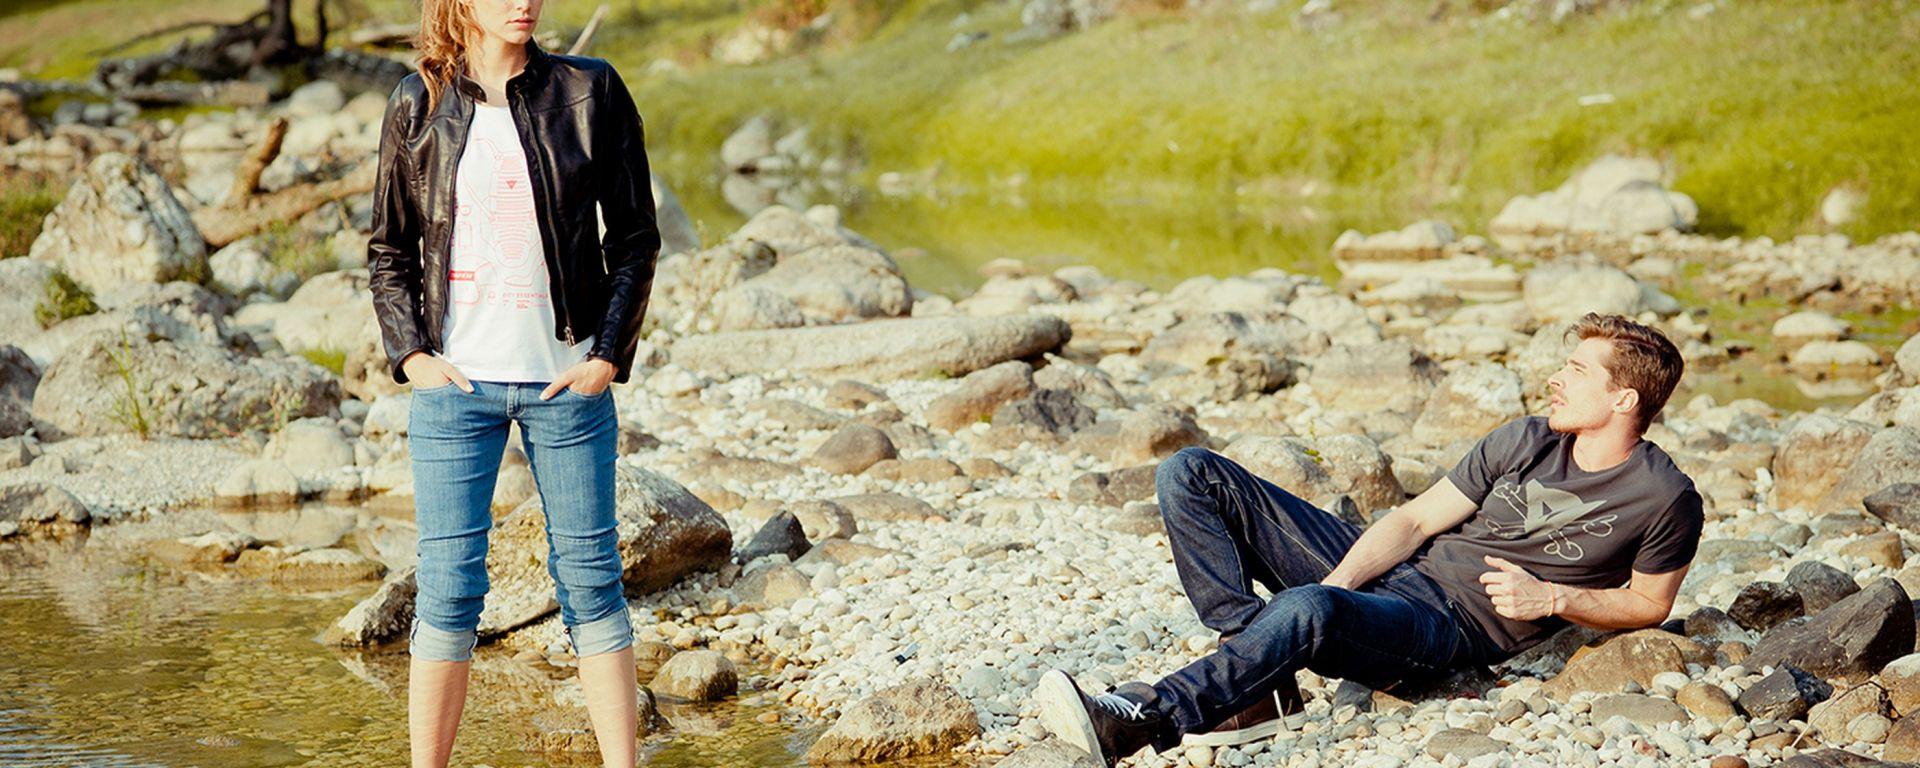 Dainese: ecco la nuova gamma Jeans 2015